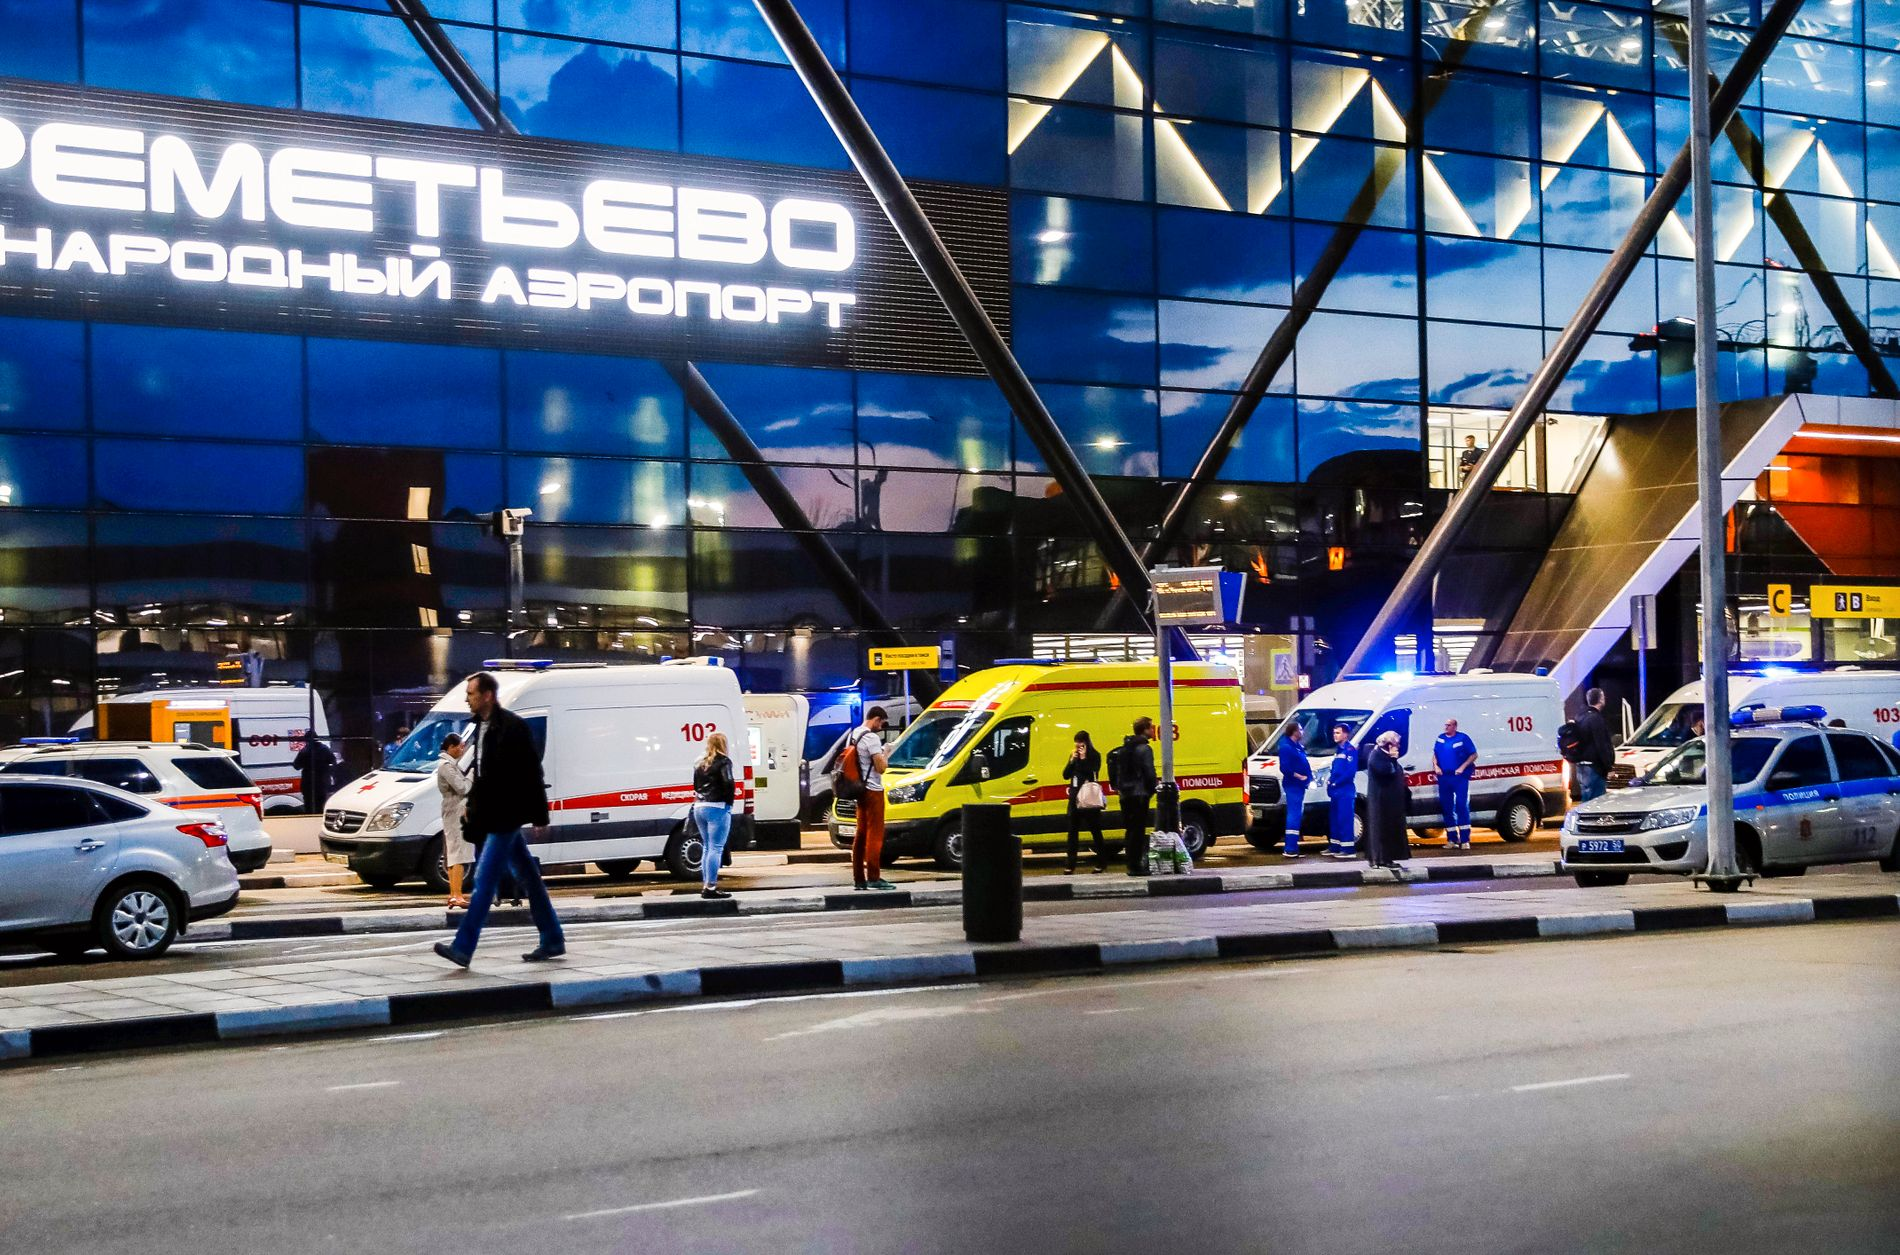 PÅ PLASS: Ambulansebiler venter foran hovedinngangen til Sjeremetjevo-flyplassen utenfor Moskva.